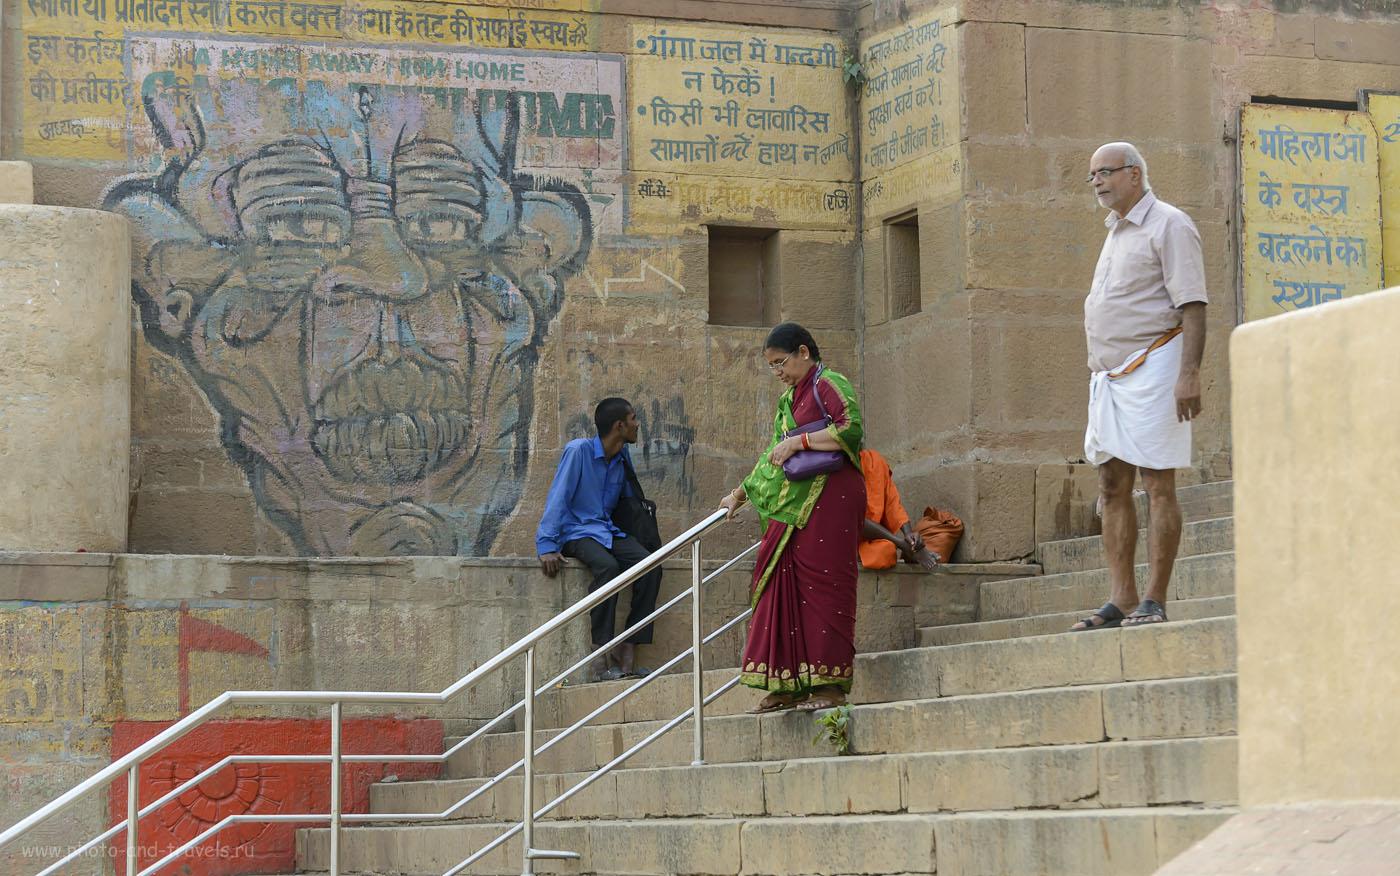 Снимок 23. Спуск к реке Ганга в городе Каши. Паломники со всей Индии устремляются в Варанаси. 1/200, 4.5, 320, 110.